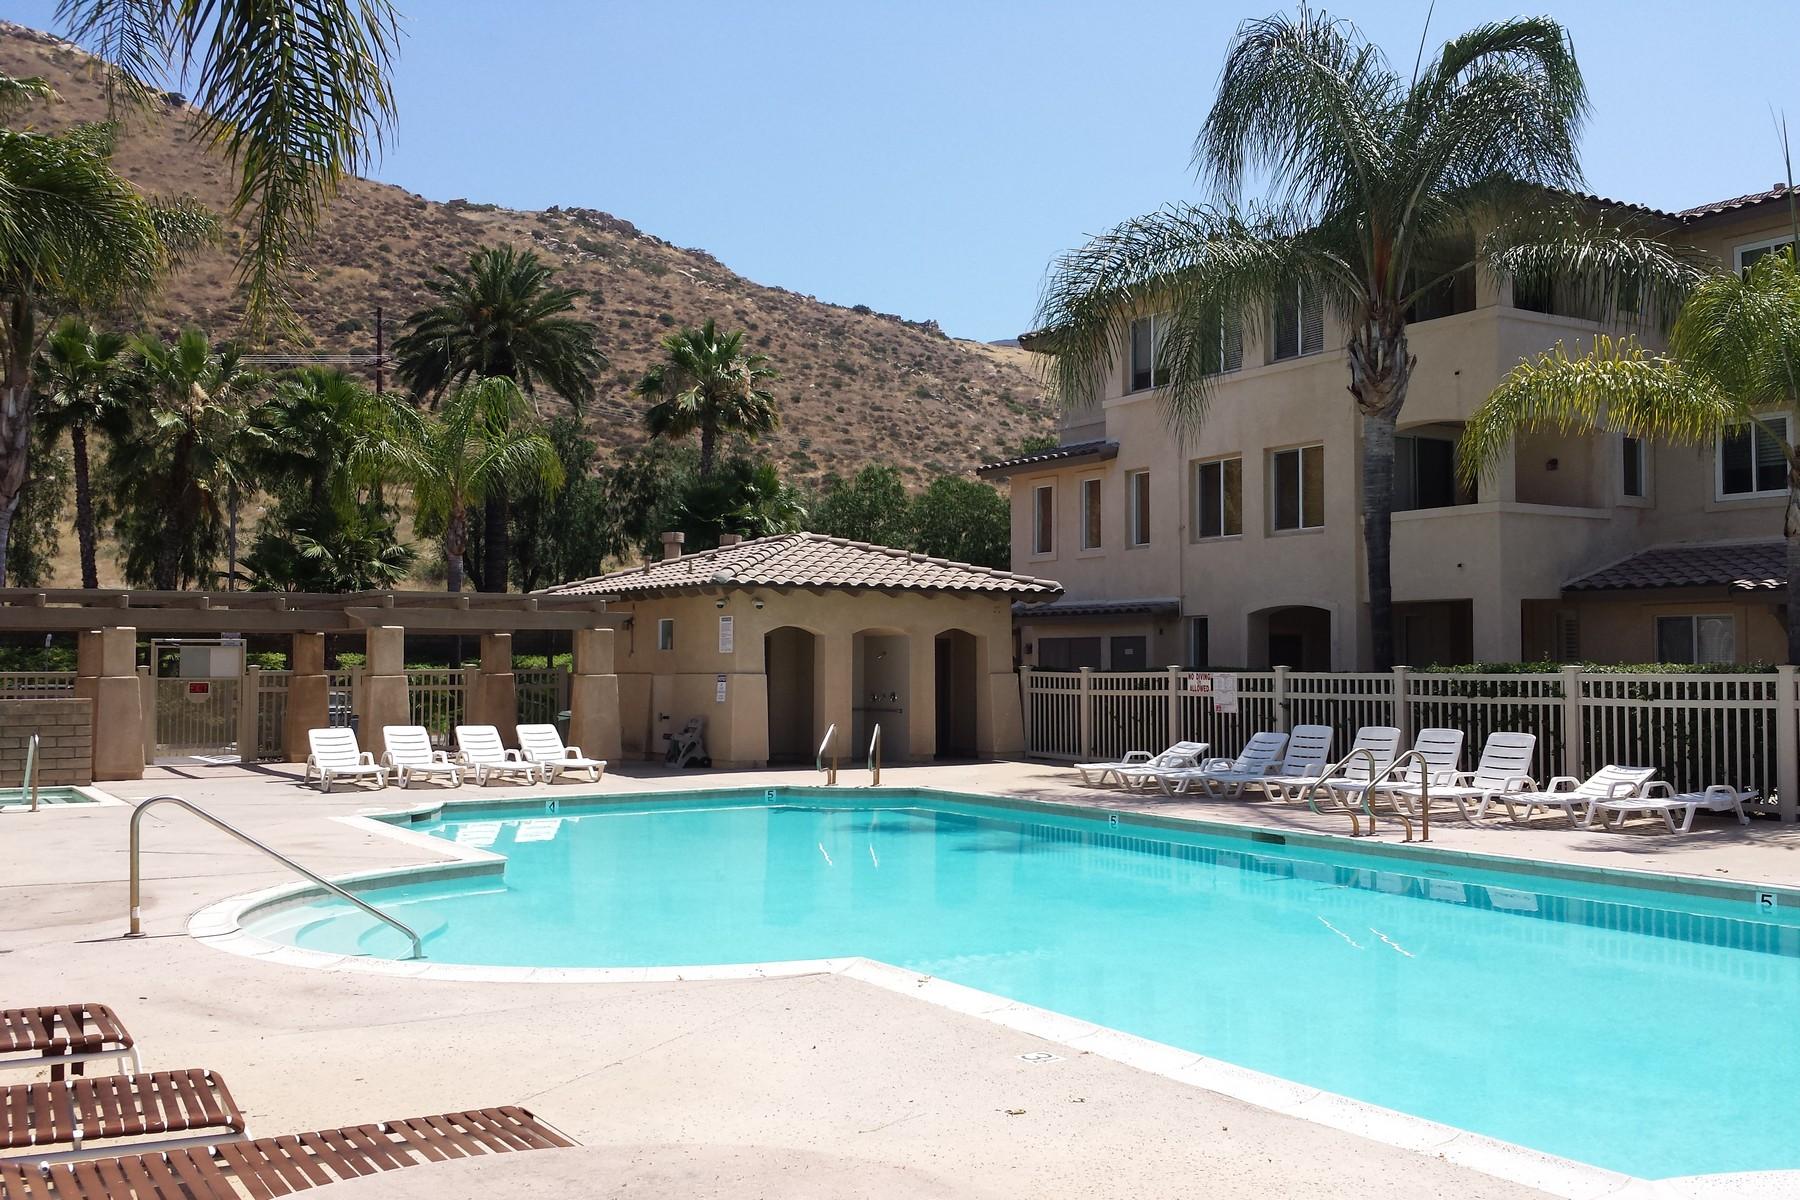 Einfamilienhaus für Verkauf beim FAIRWAY VILLAS 3259 DEHESA RD. #57 El Cajon, Kalifornien, 92019 Vereinigte Staaten